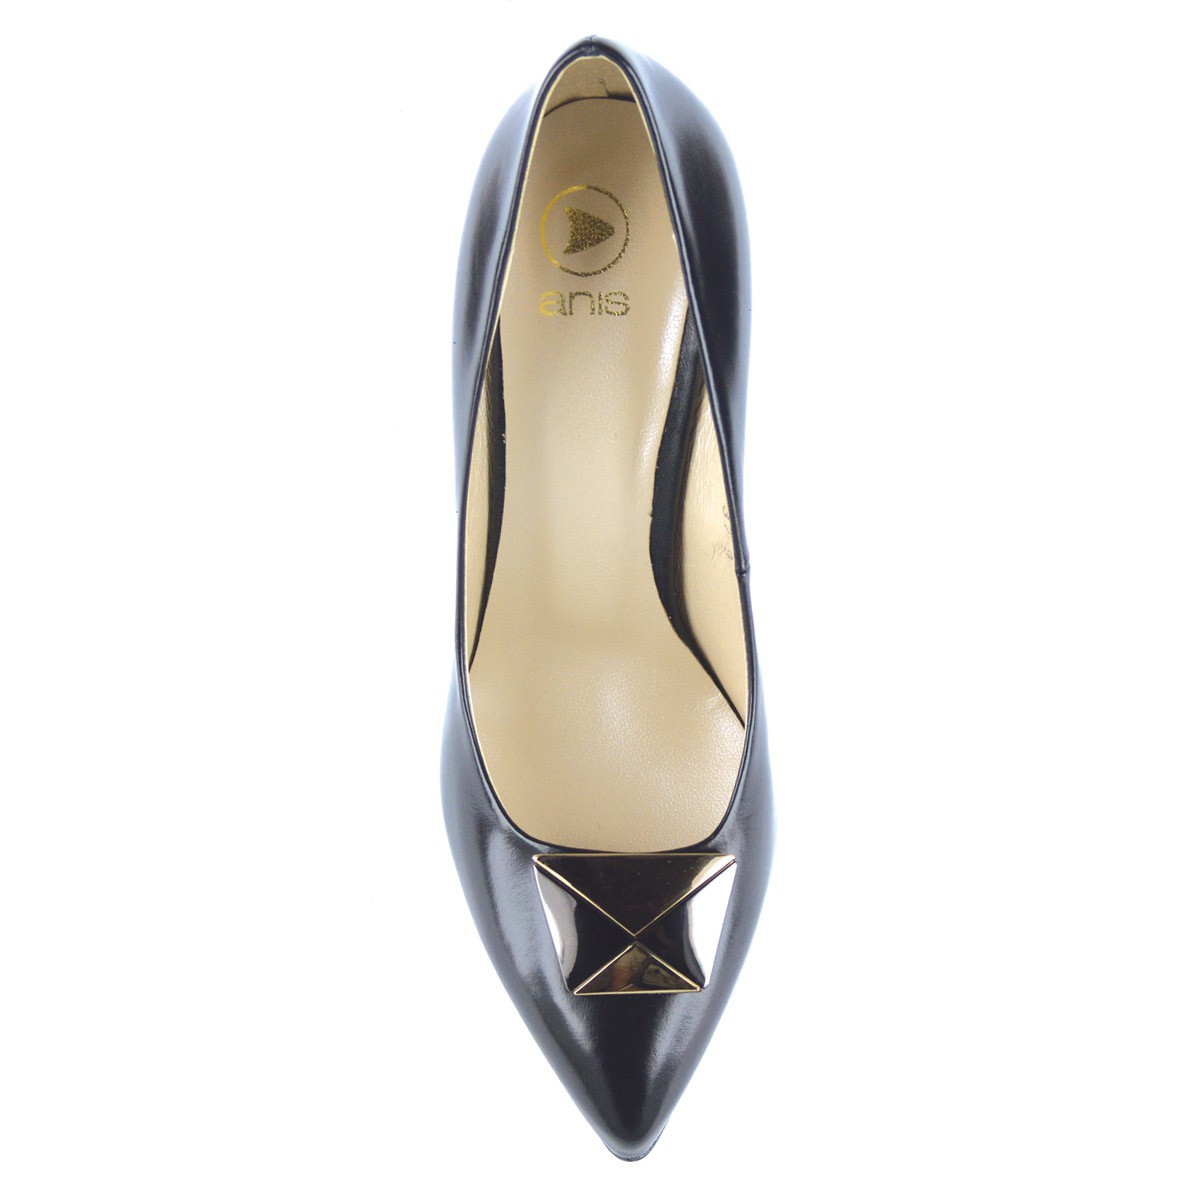 ... Gyönyörű magas sarkú Anis alkalmi cipő kb 9 cm magas sarokkal d21335da01